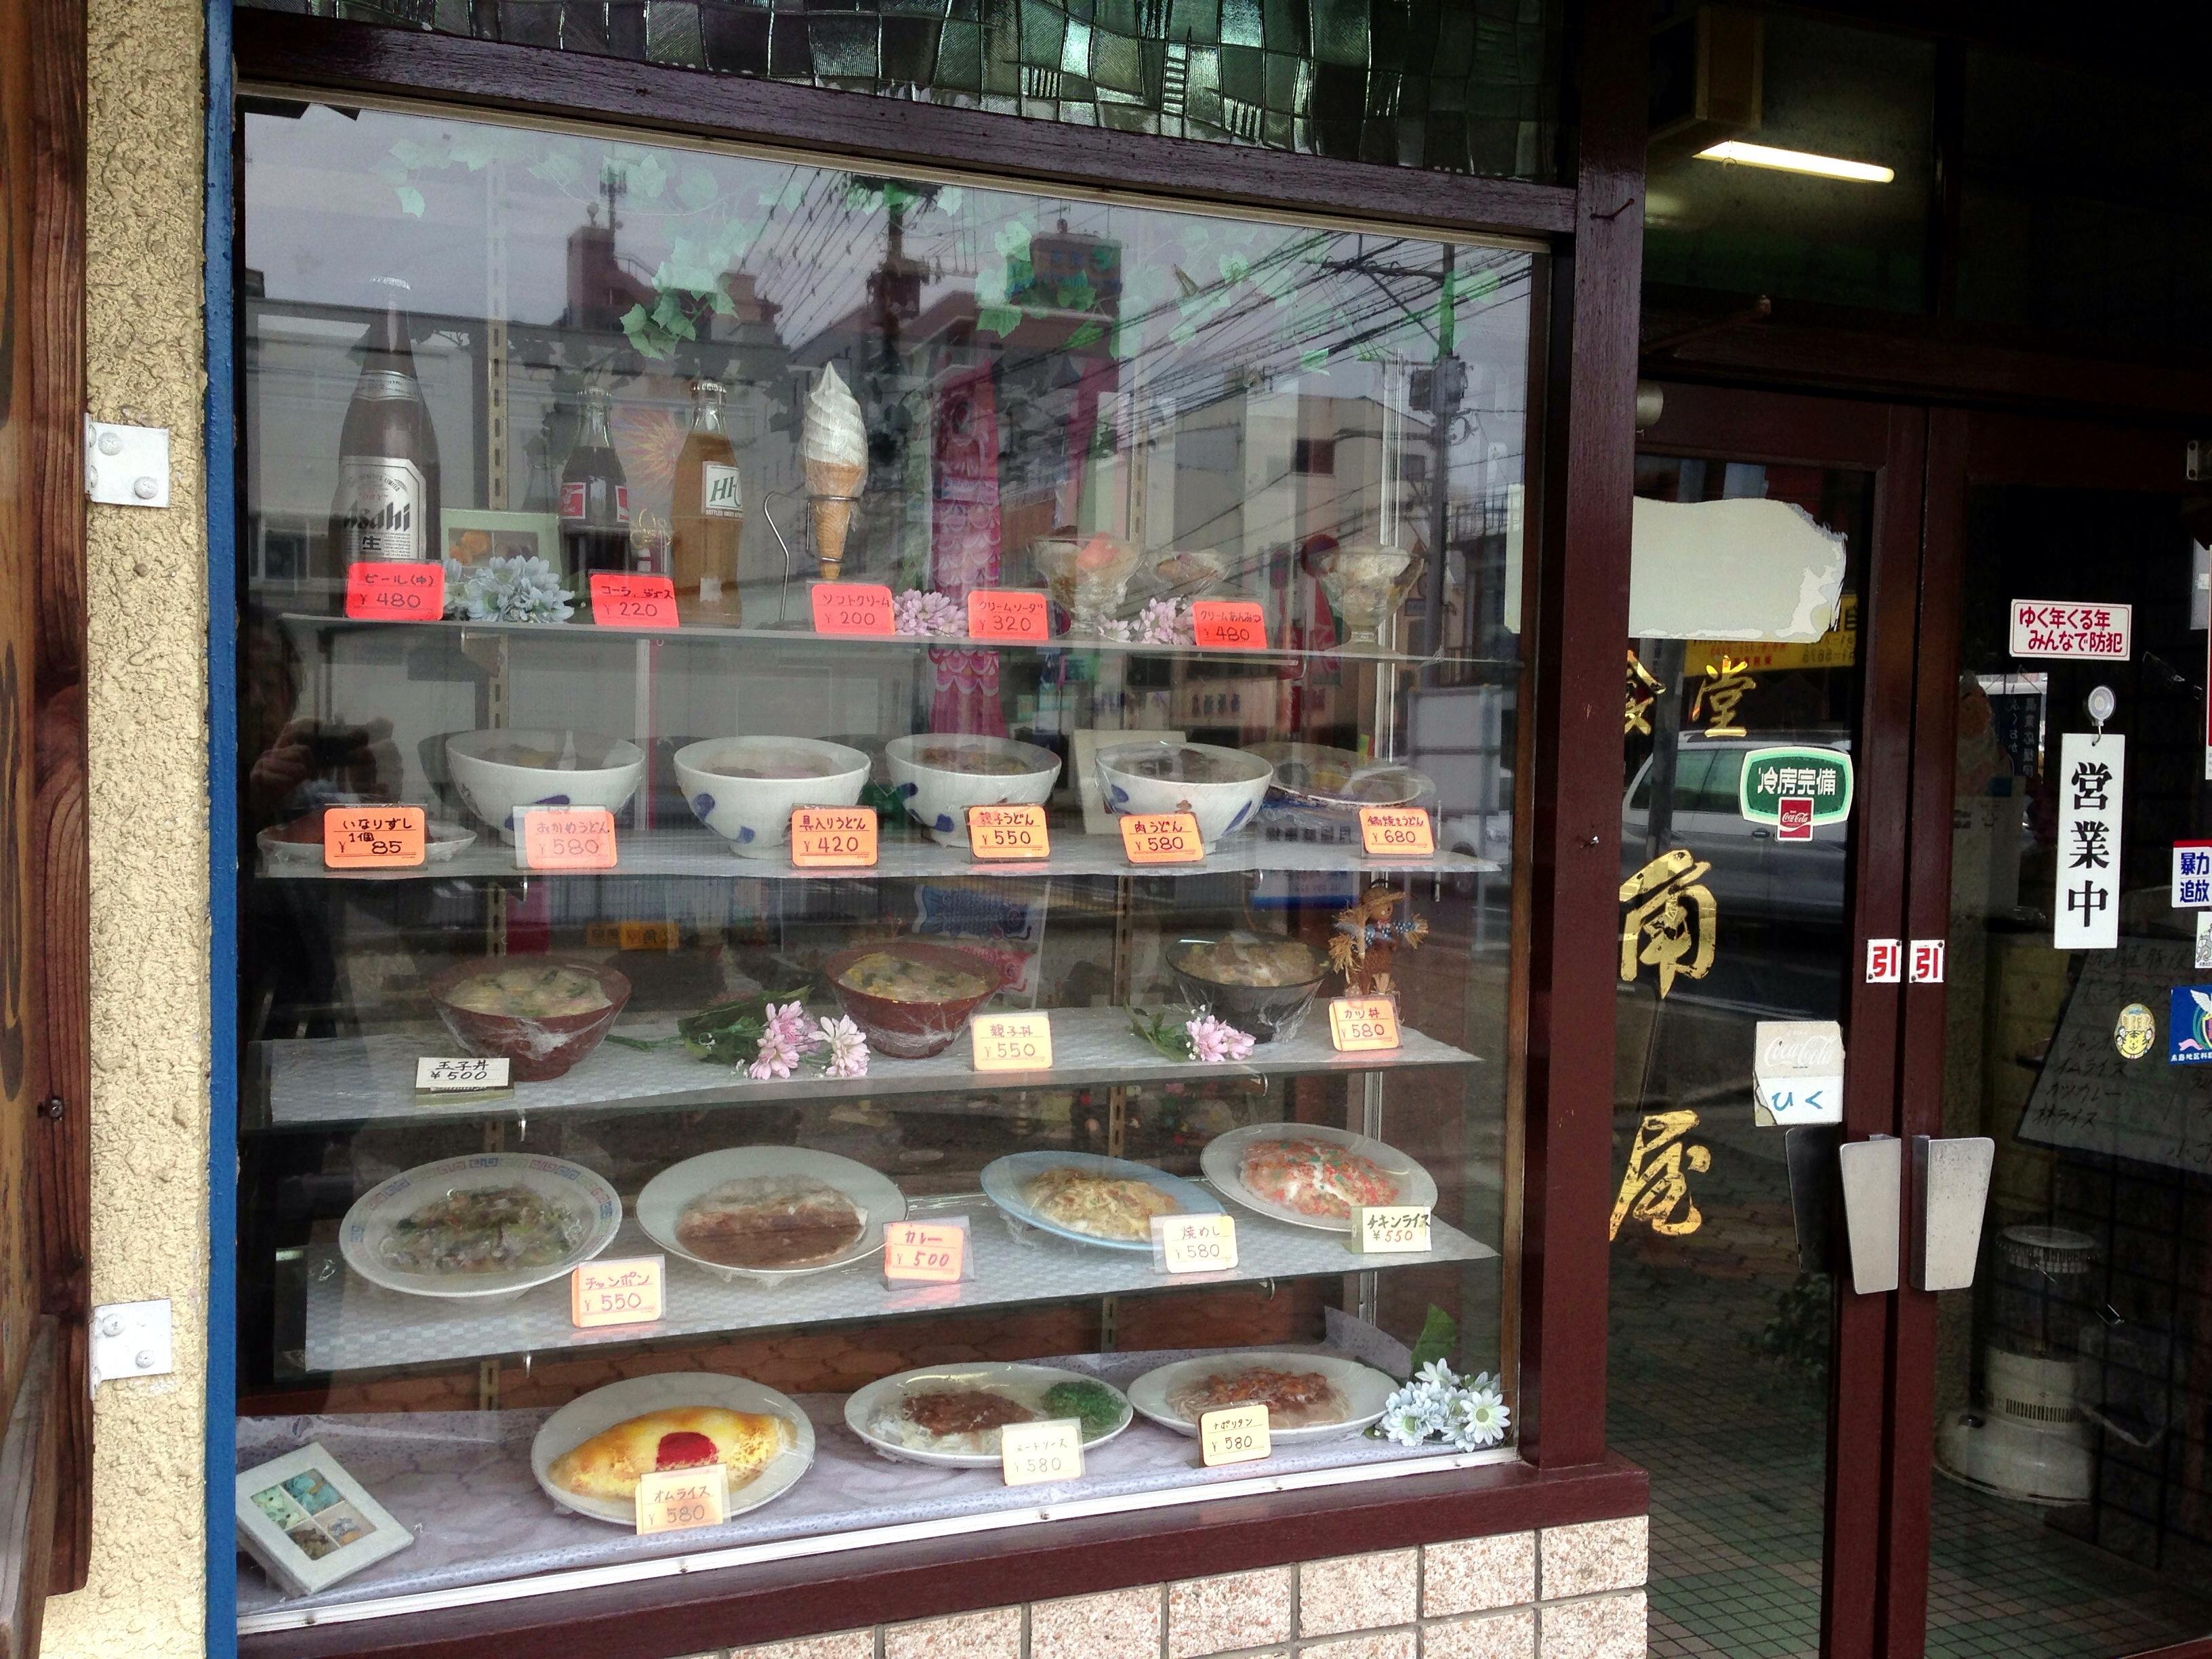 【糸島】昭和の記憶が蘇る昔ながらの街並みを大切にしたい「前原駅前」